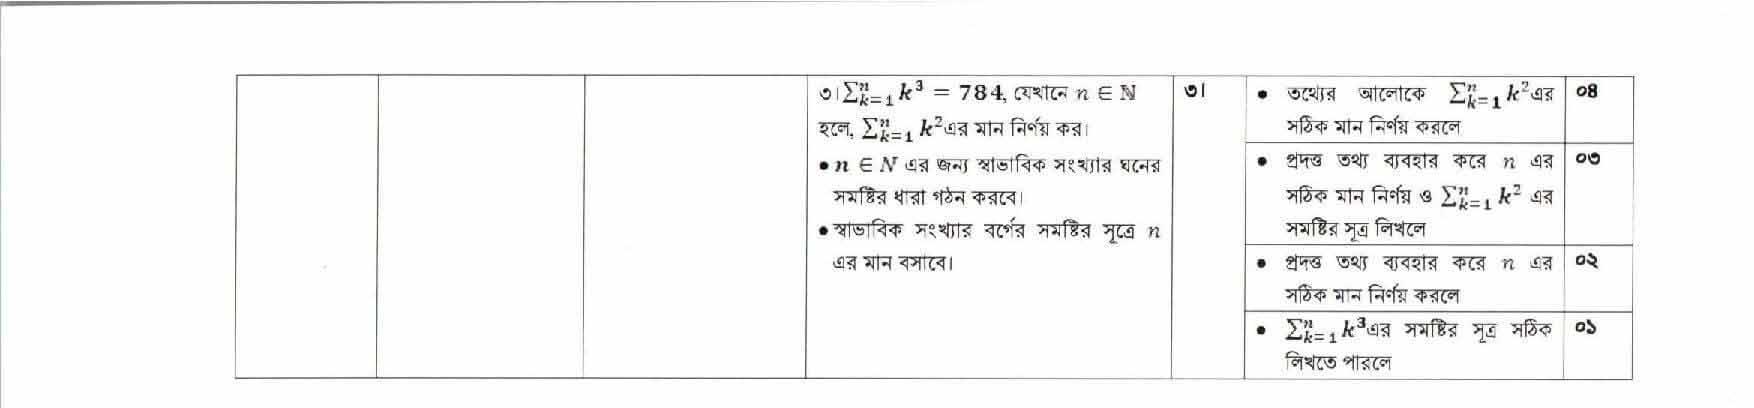 SSC Assignment 2022 All Subject 3rd Week